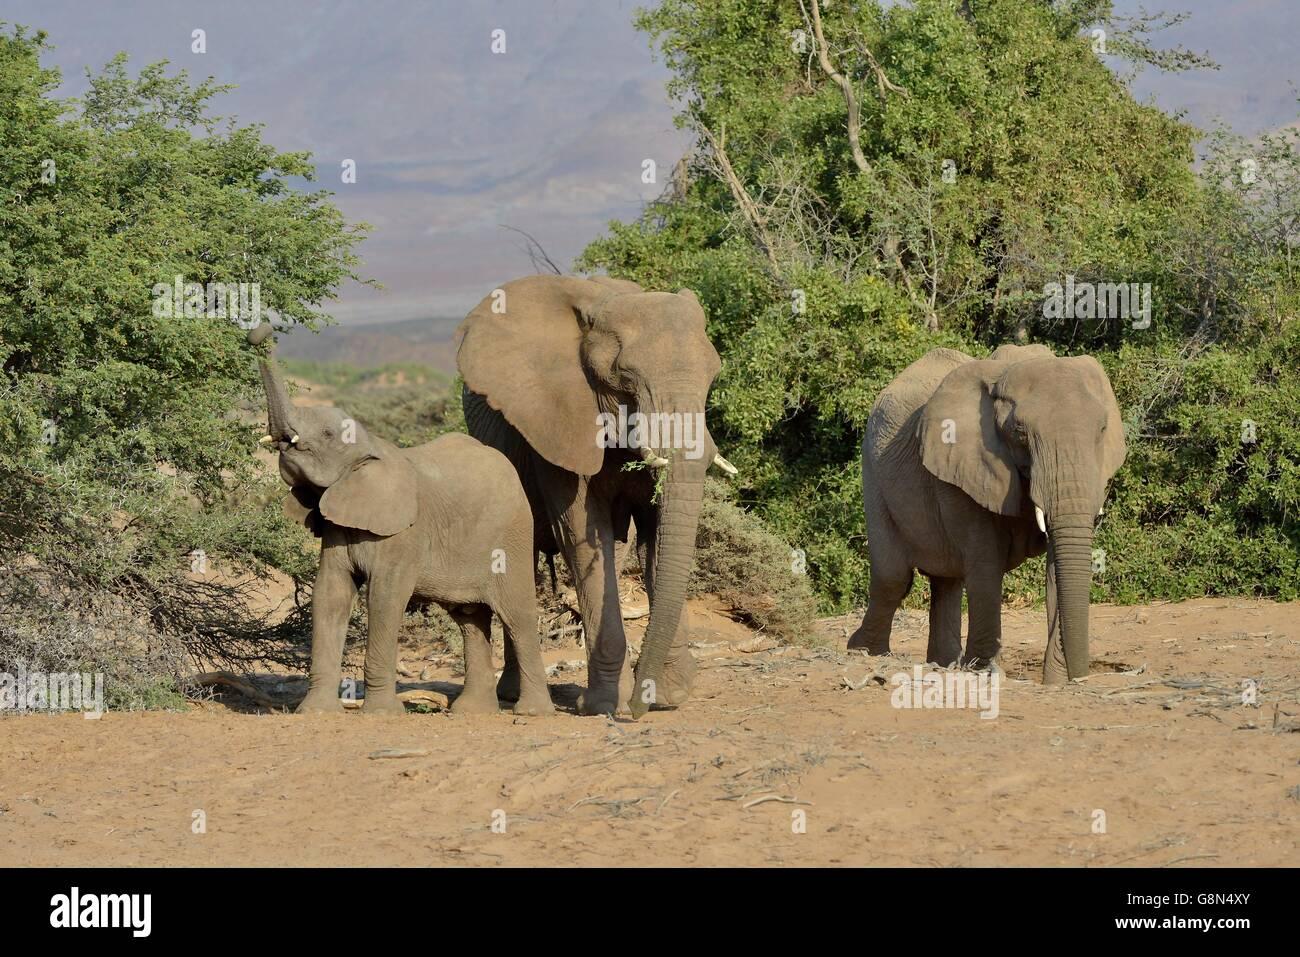 Les éléphants du désert ou de l'éléphant (Loxodonta africana), dans la rivière à sec de l'Huab, Damaraland, Namibie Banque D'Images